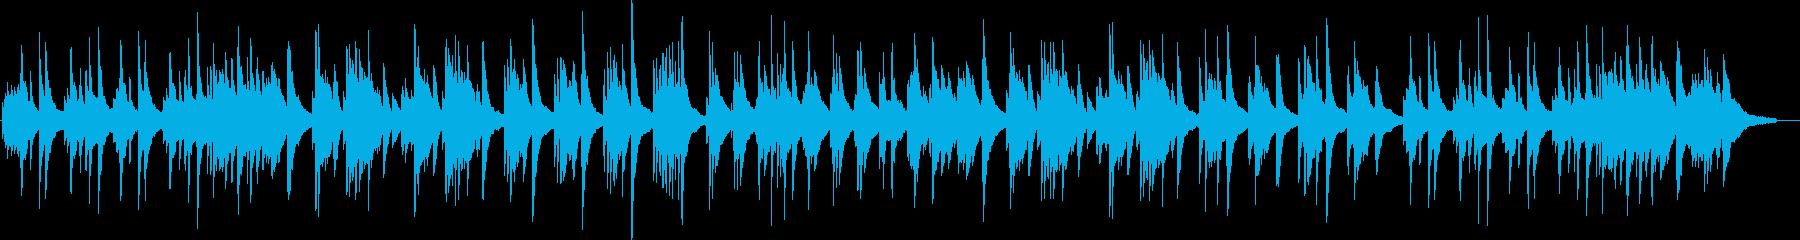 箏とピアノだけの静かな曲の再生済みの波形